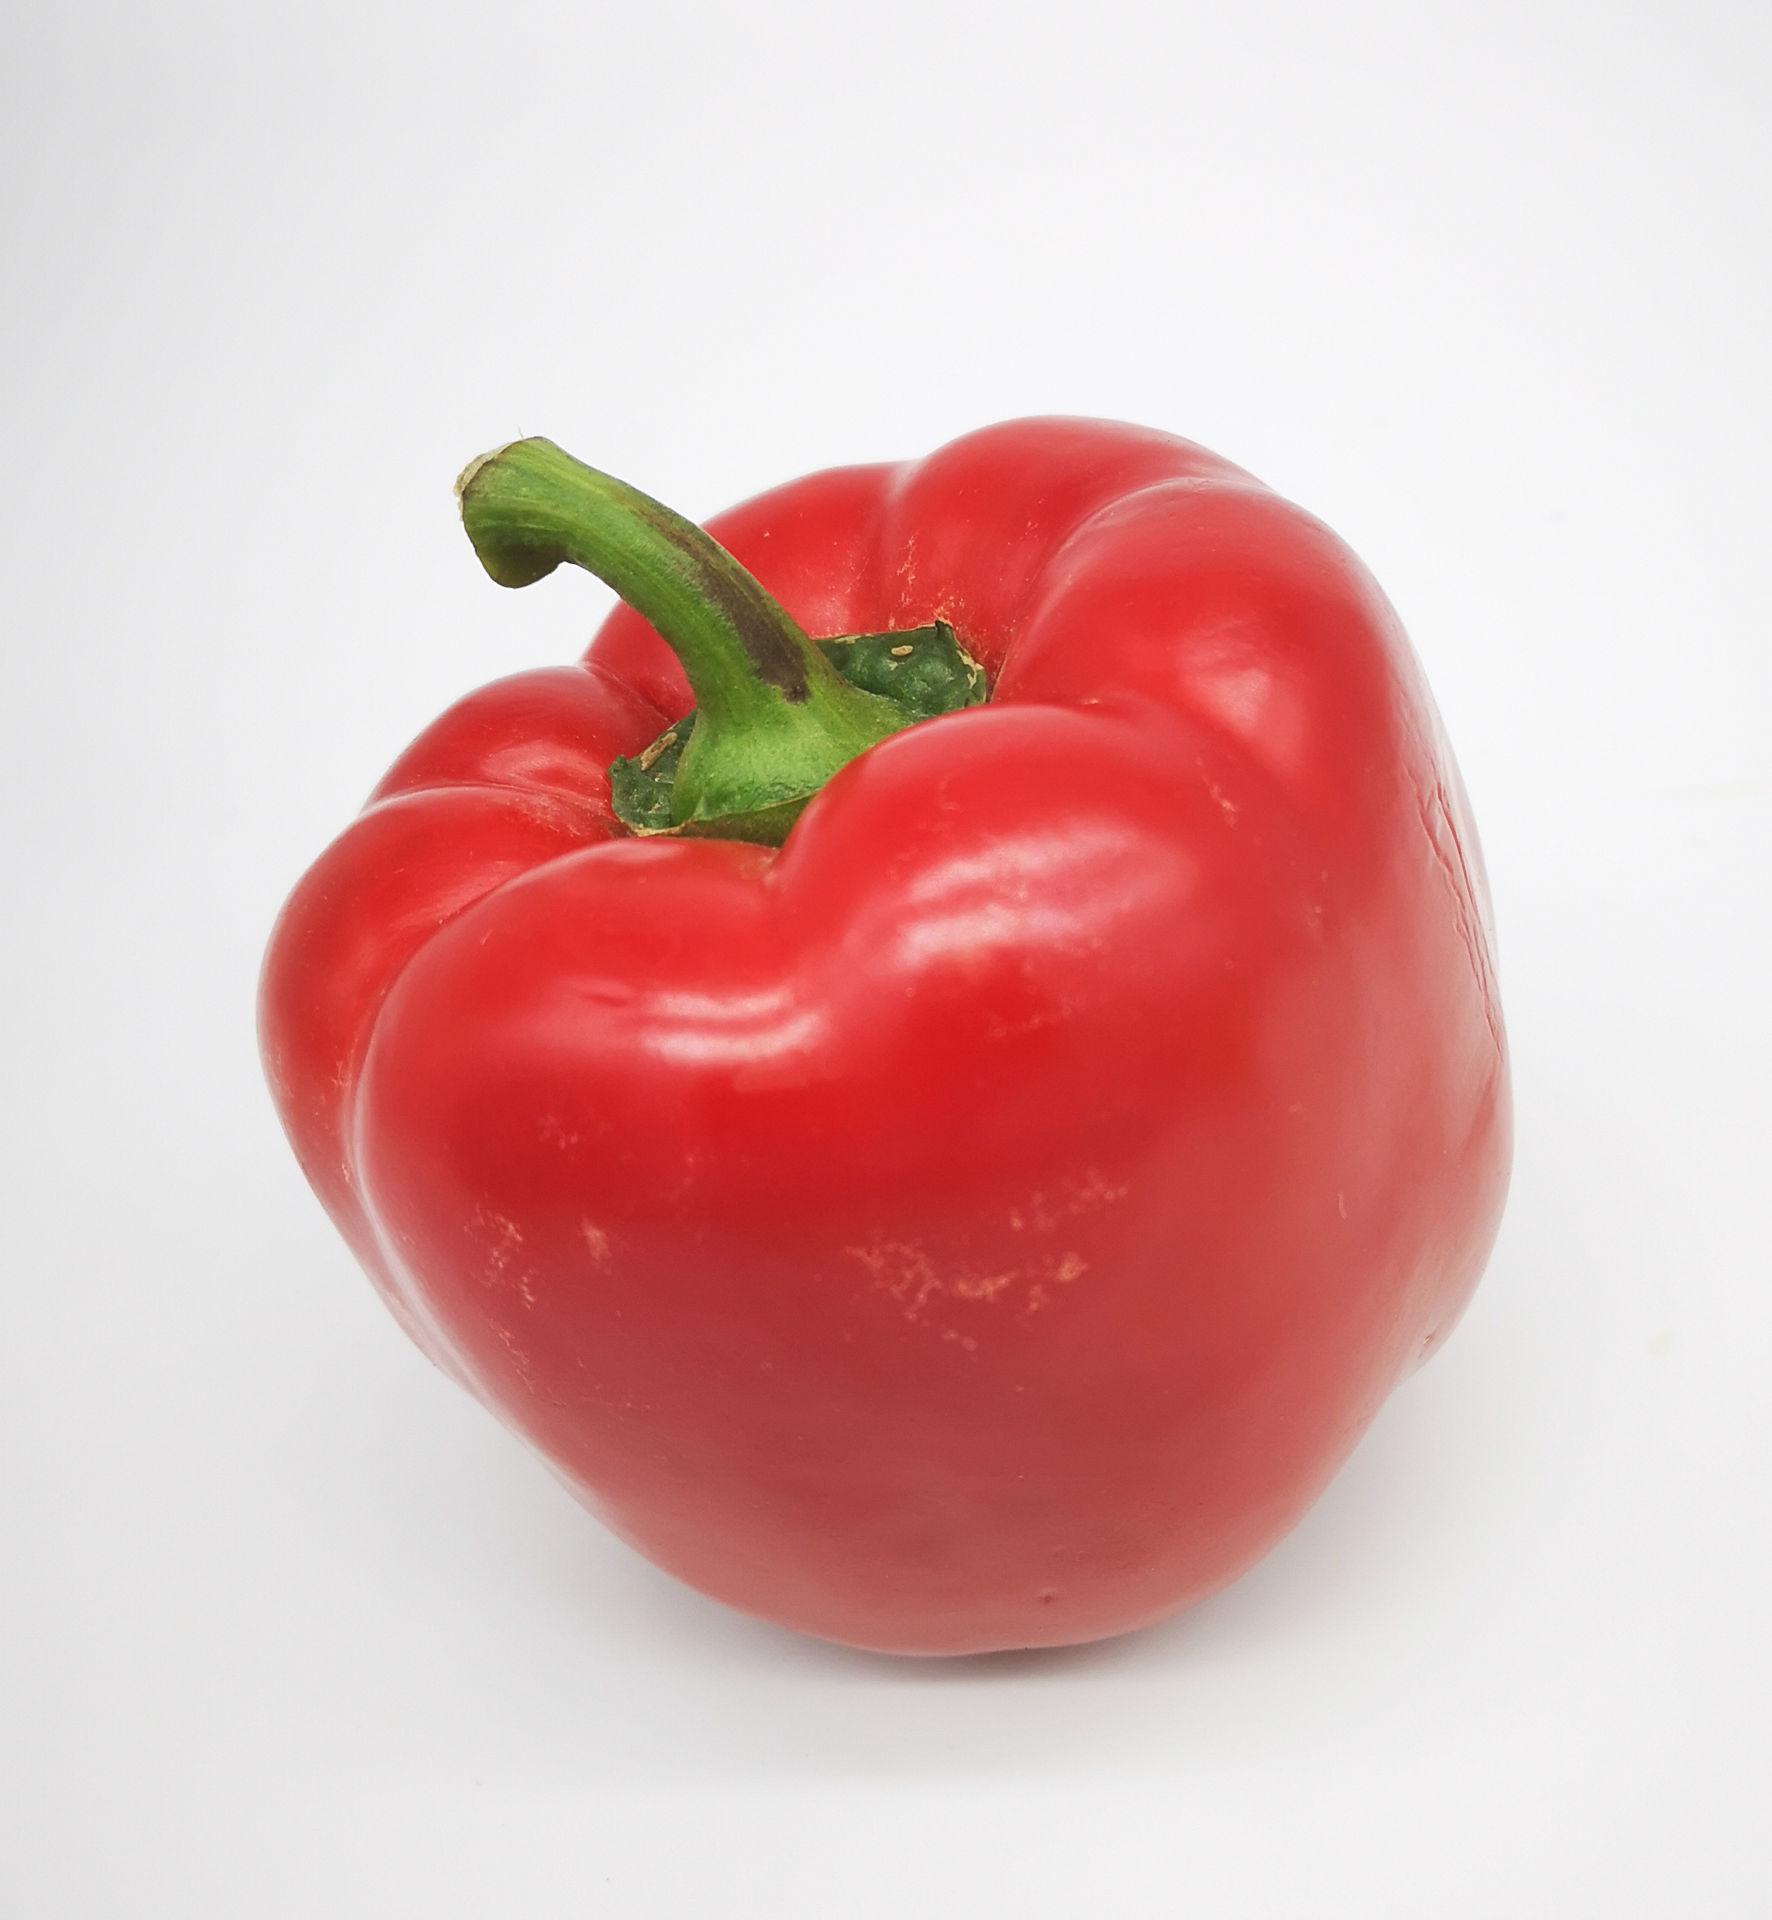 Desidero solo peperoni rossi